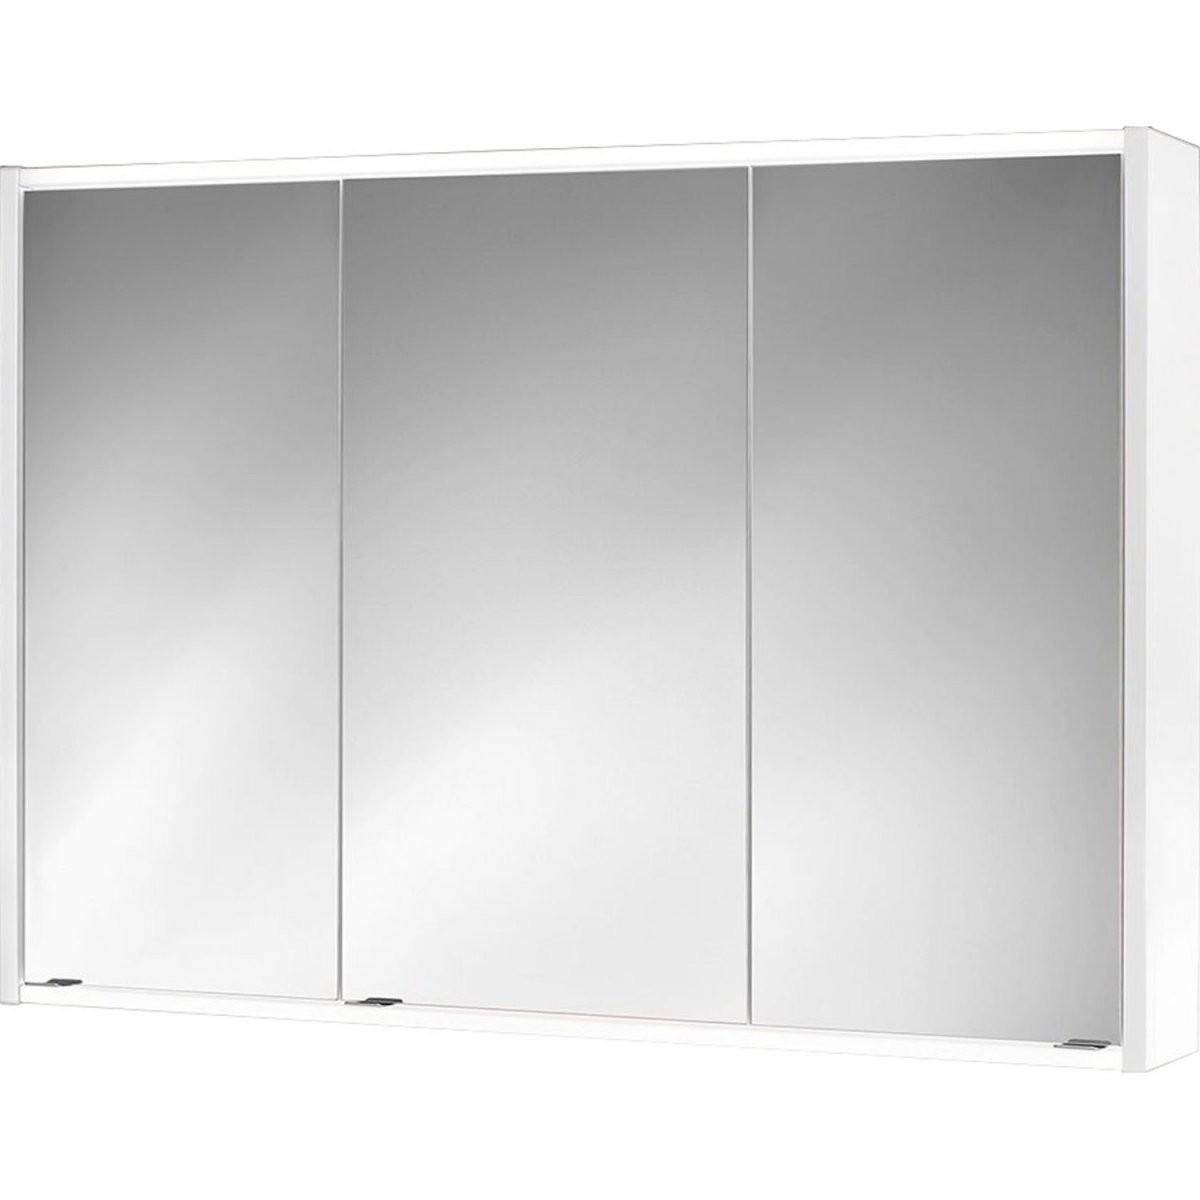 Spiegelschränke Online Kaufen Bei Obi  Obi von Bad Spiegelschrank 100 Cm Breit Photo